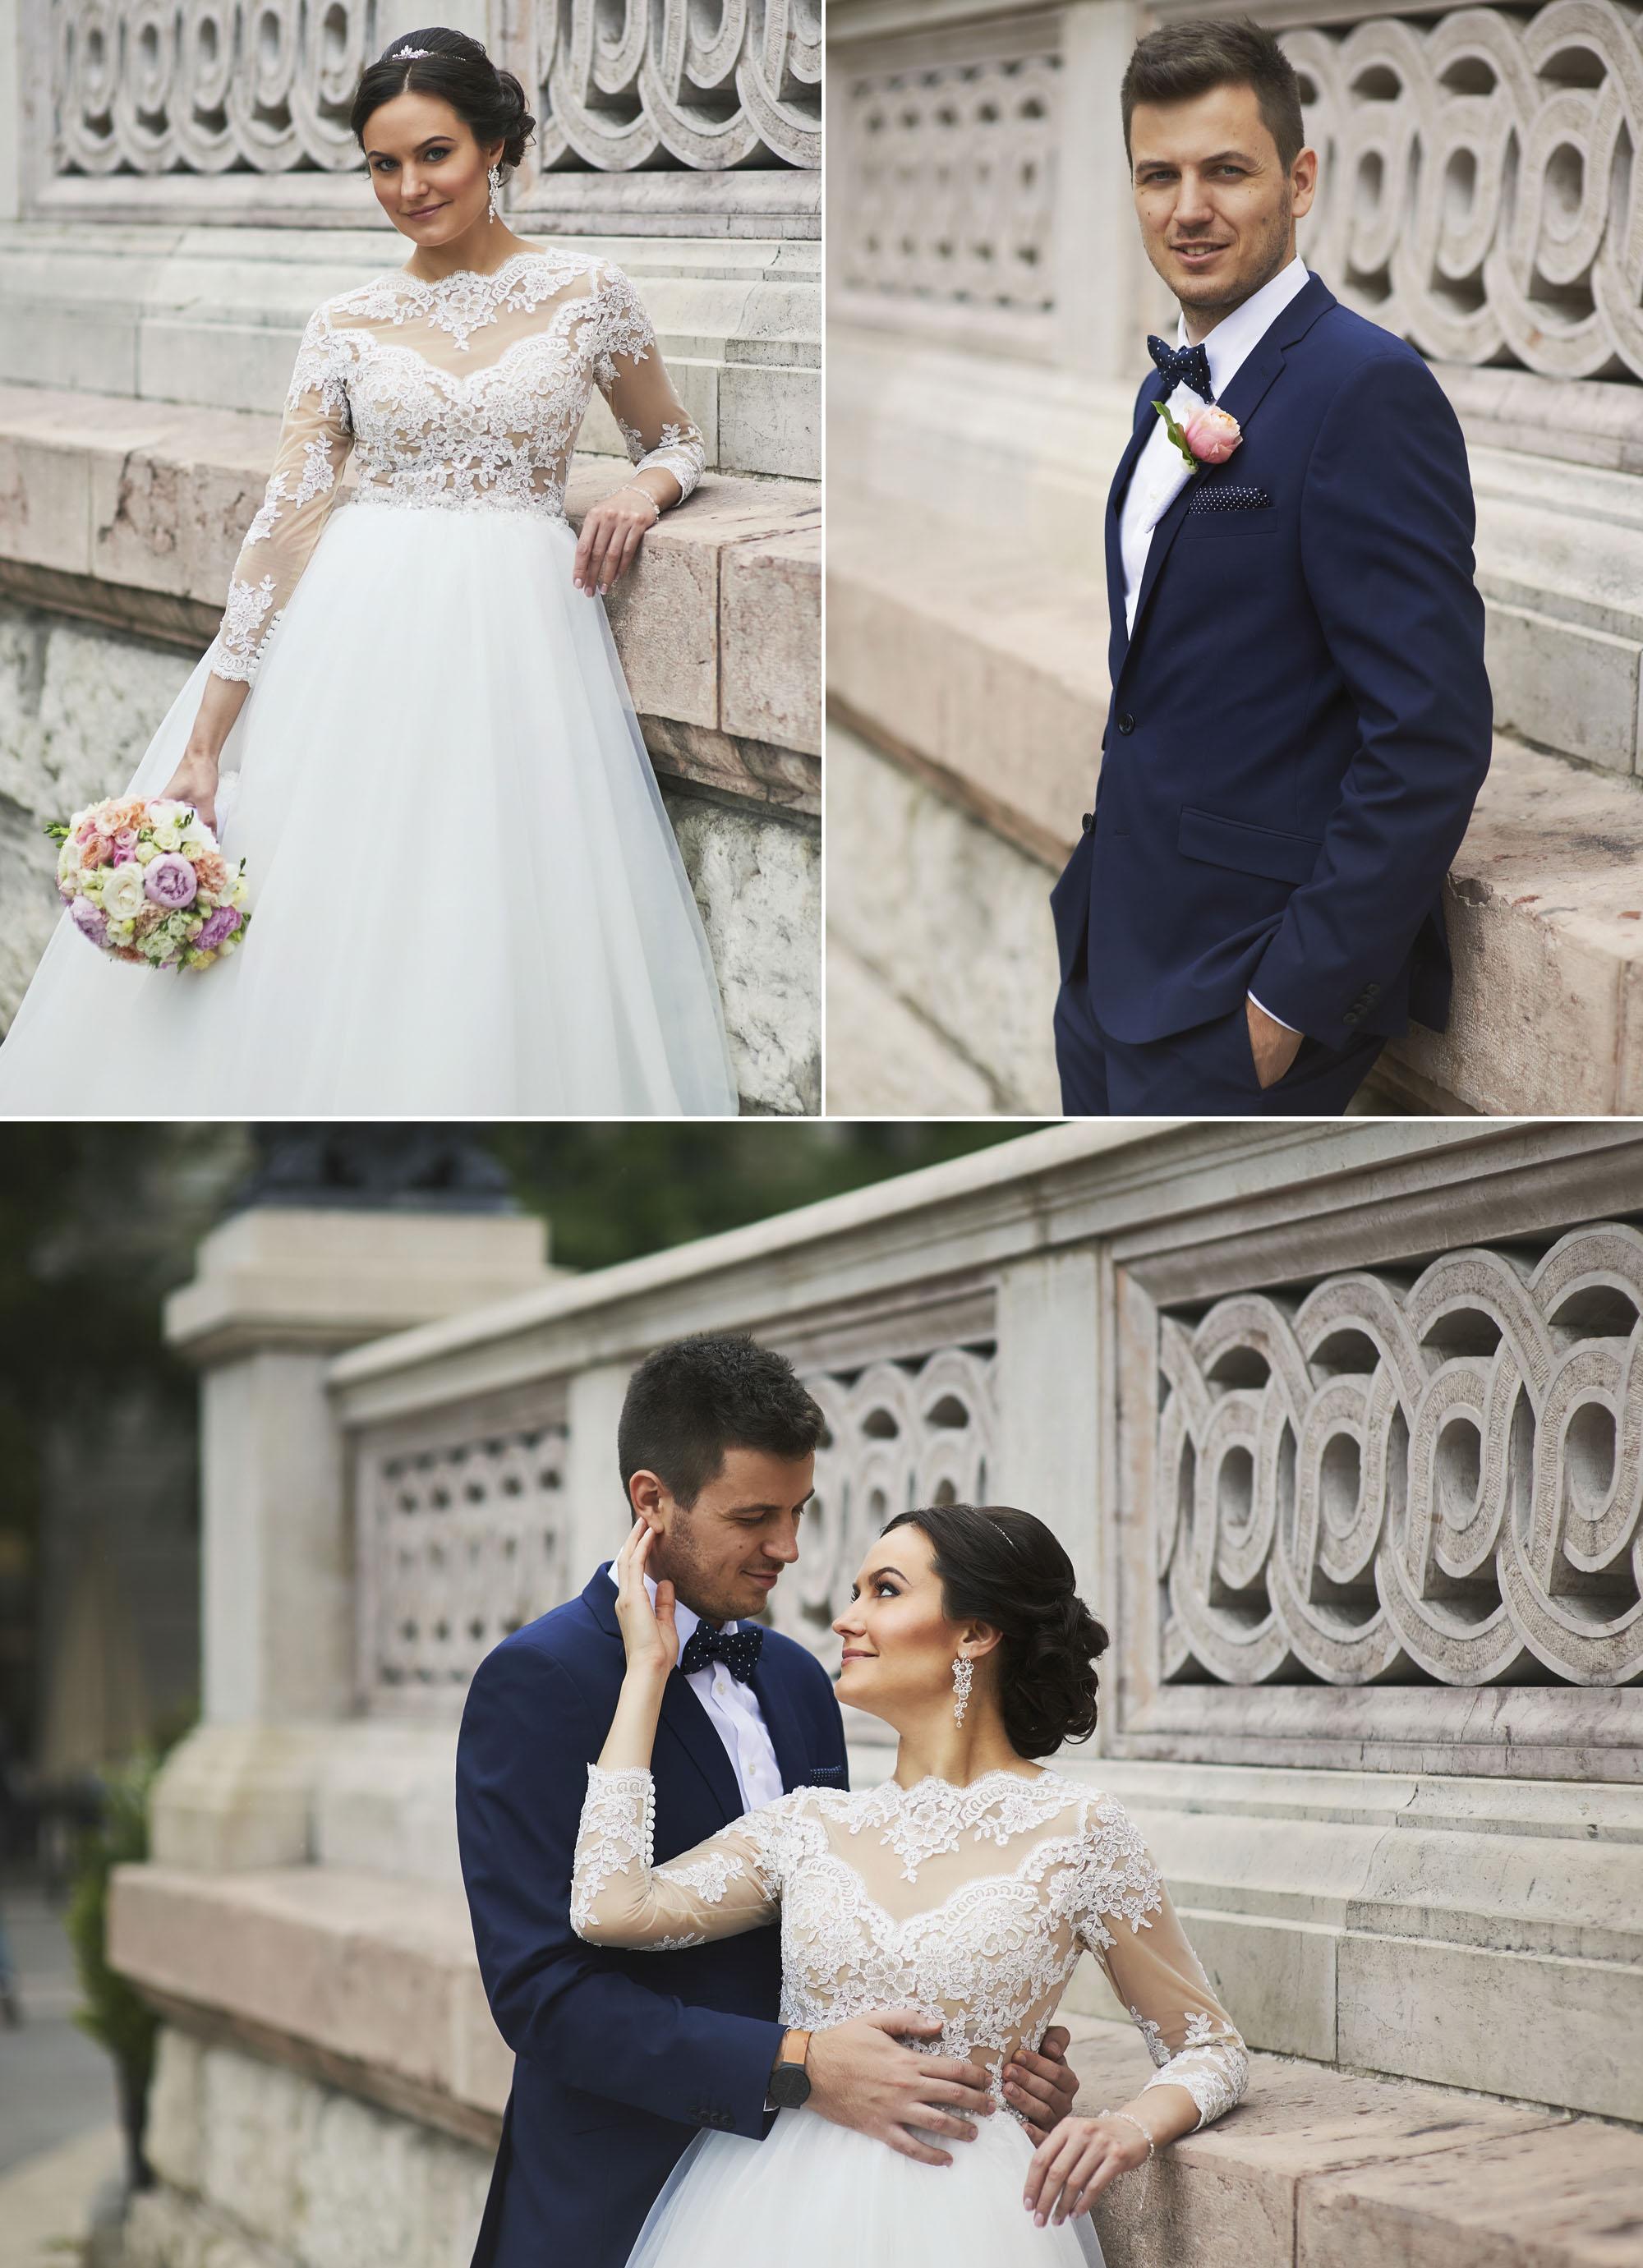 Kreatív esküvői fotózás a Bazilikánál